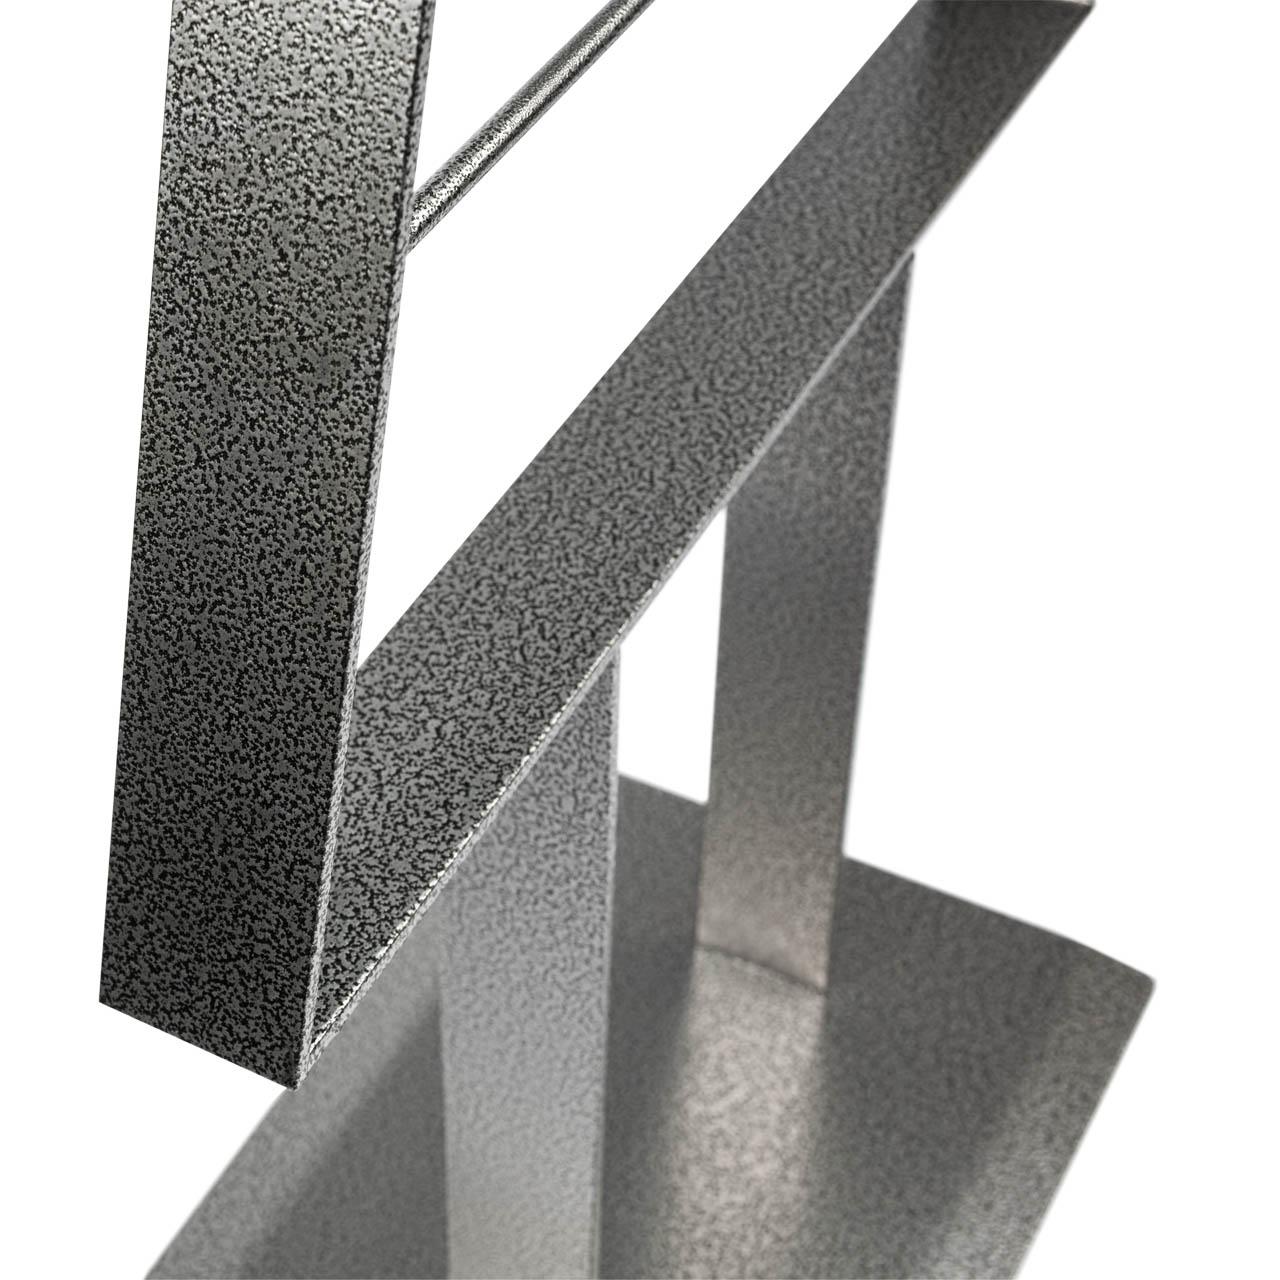 Metall-Weihnachtsbaum (Schwarz-Silber Antique)